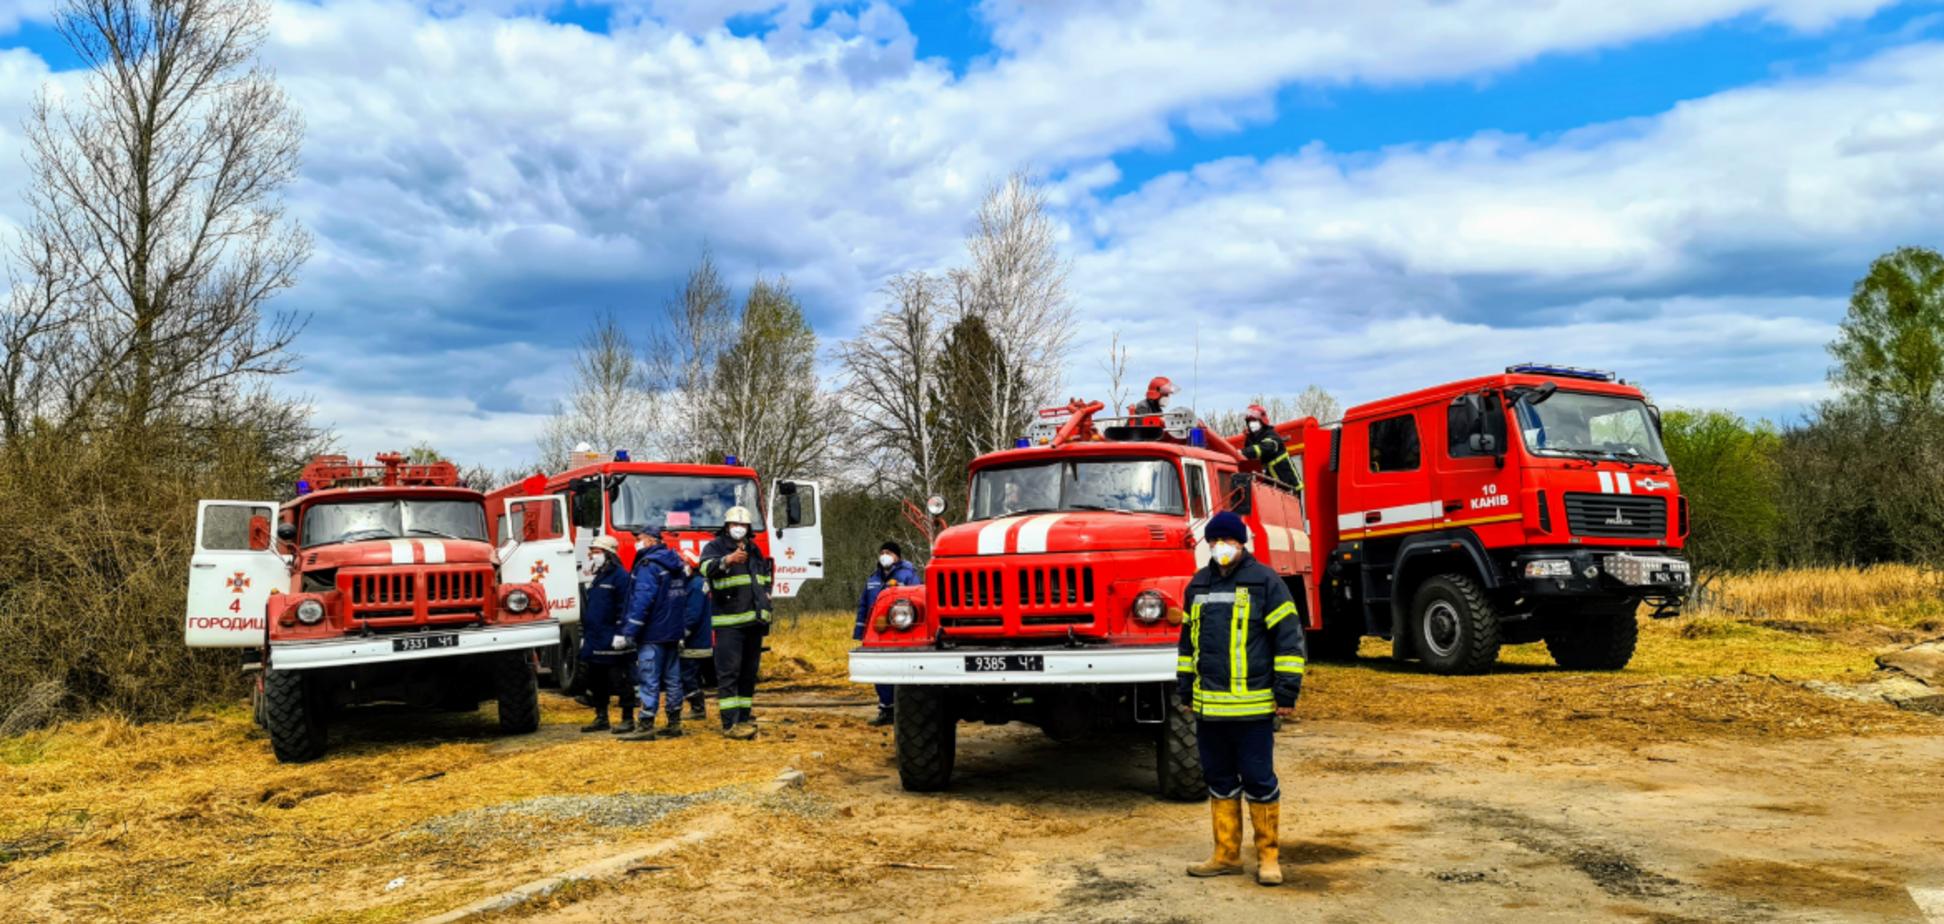 Аваков: в Чернобыльской зоне ликвидировали пожары